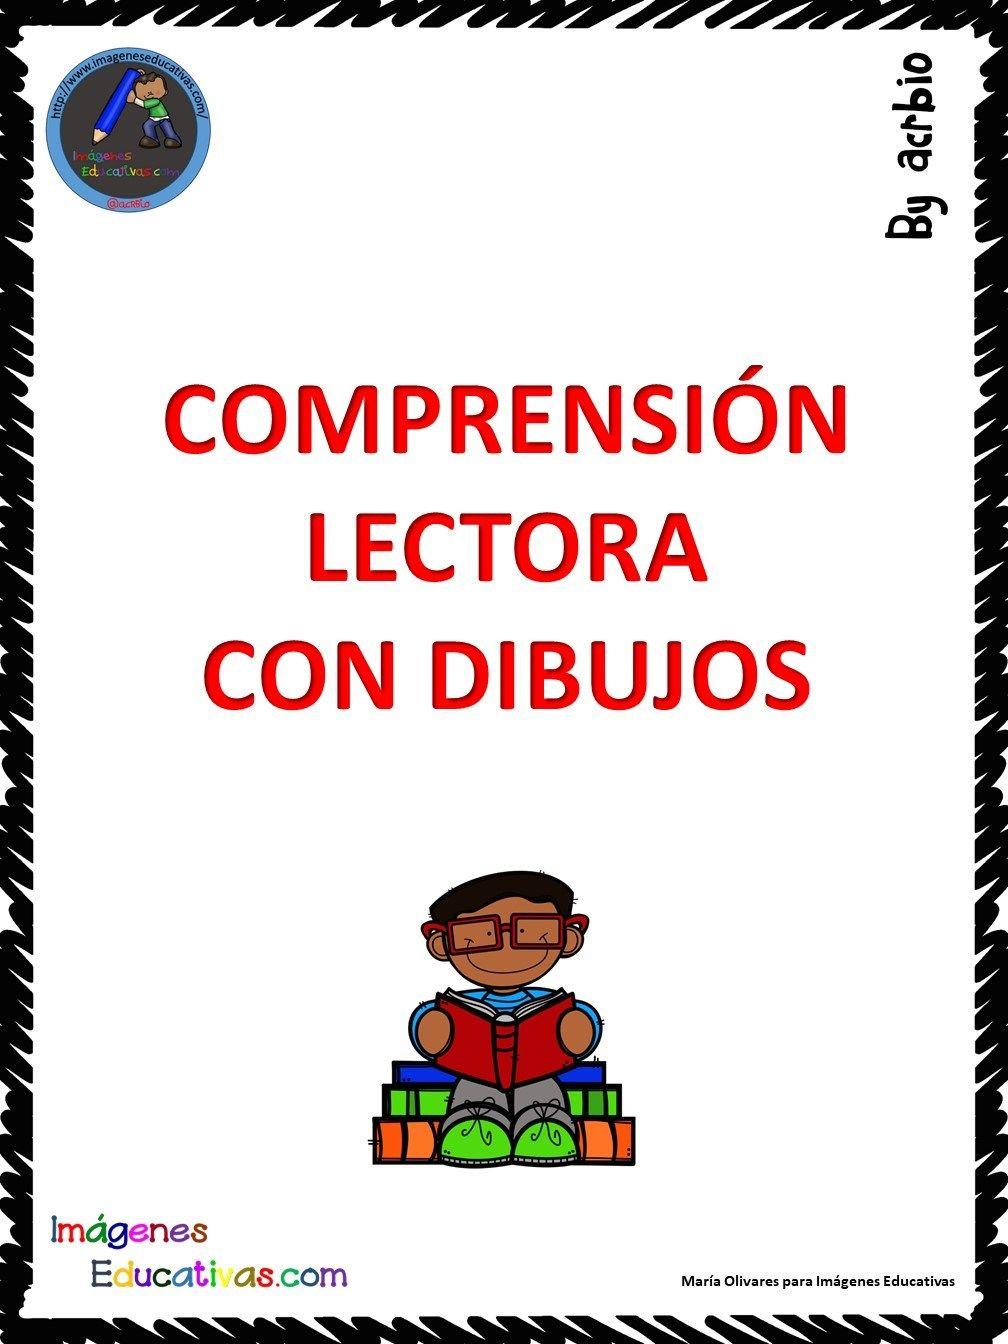 Comprension Lectora A Traves De Dibujos Comprension Lectora Lectura De Comprension Comprension